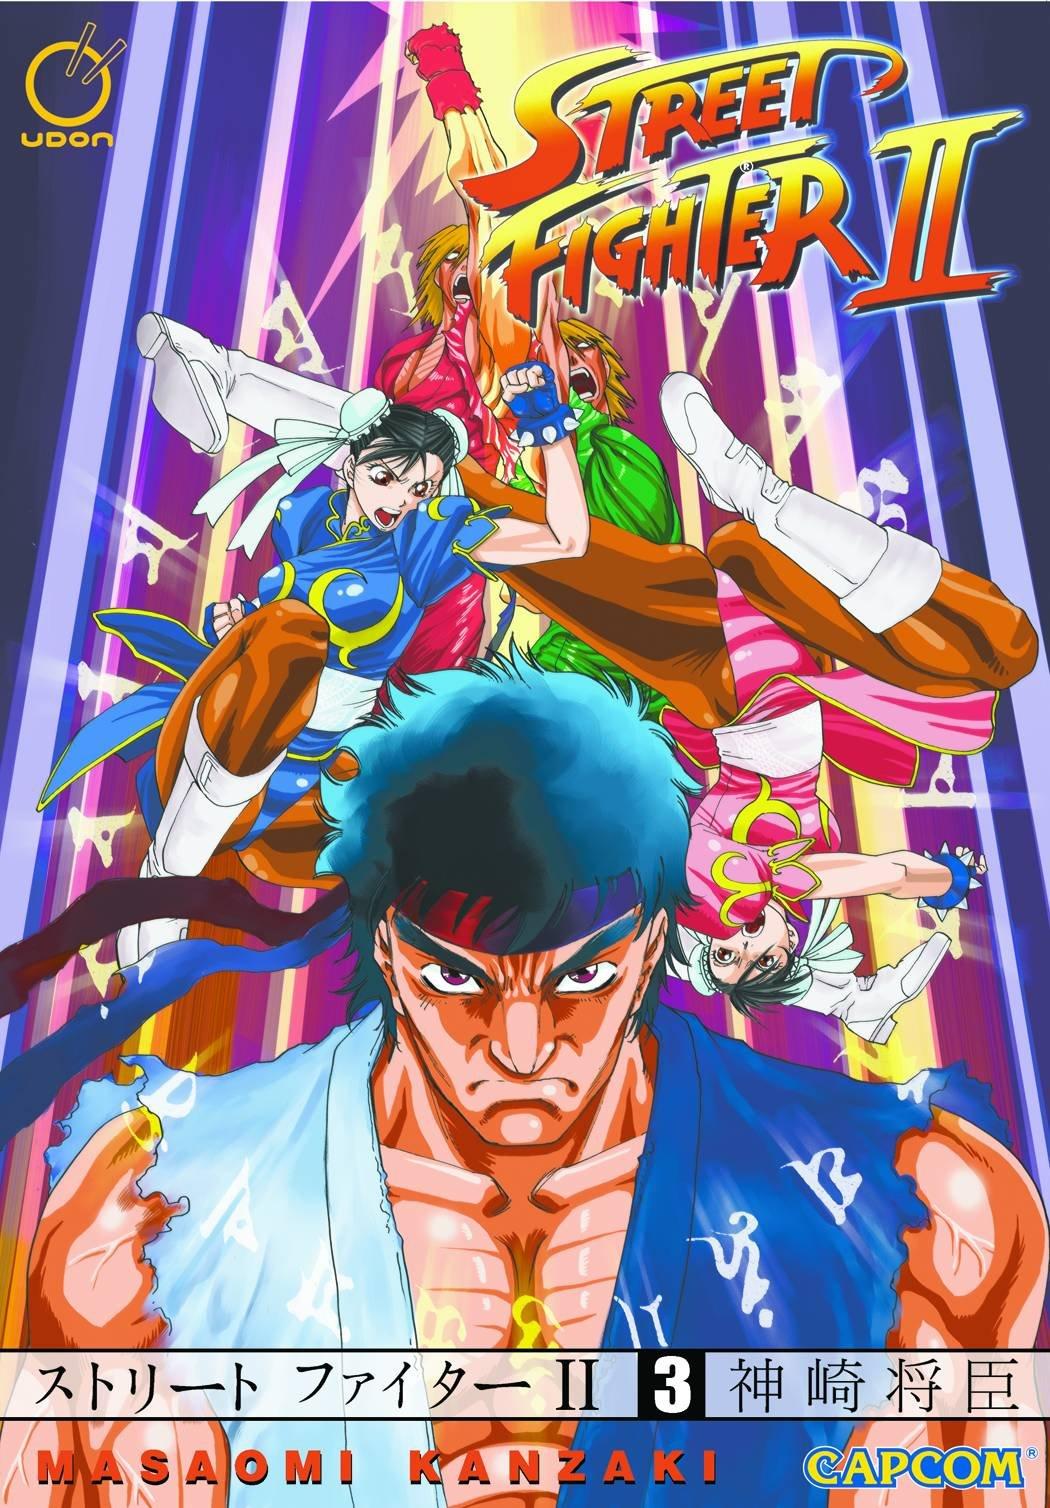 Street Fighter II - The Manga, Vol. 3 PDF